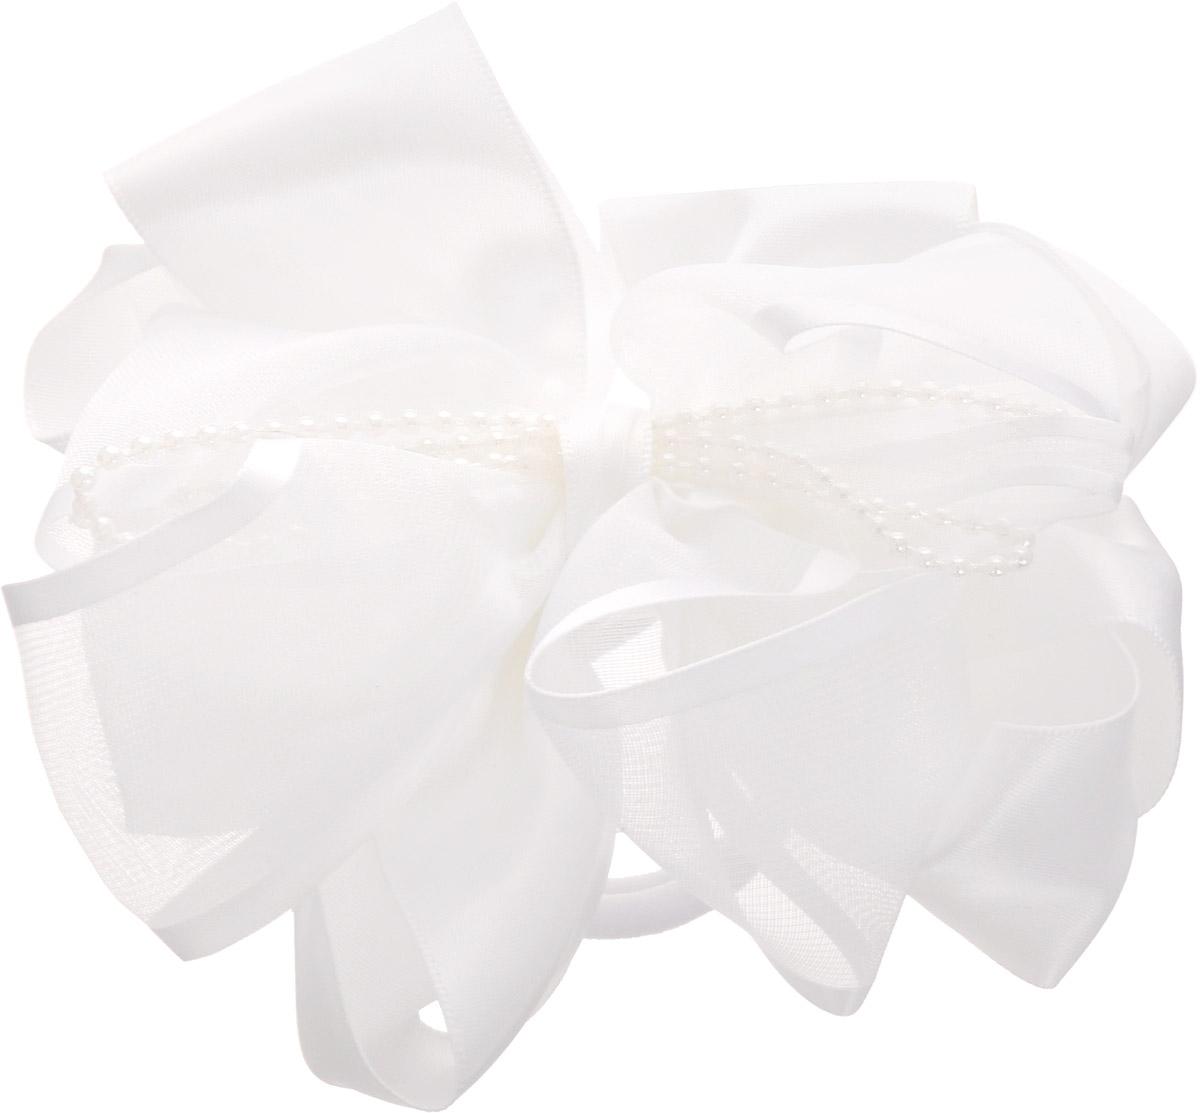 Babys Joy Резинка для волос цвет белый с бусинами MN 203MP59.4DРезинка для волос Babys Joy выполнена в виде бантика из трех сплетенных вместе лент разного размера. Бантик декорирован в центре бусинами. Резинка позволит убрать непослушные волосы с лица и придаст образу немного романтичности и очарования.Резинка для волос Babys Joy подчеркнет уникальность вашей маленькой модницы и станет прекрасным дополнением к ее неповторимому стилю.